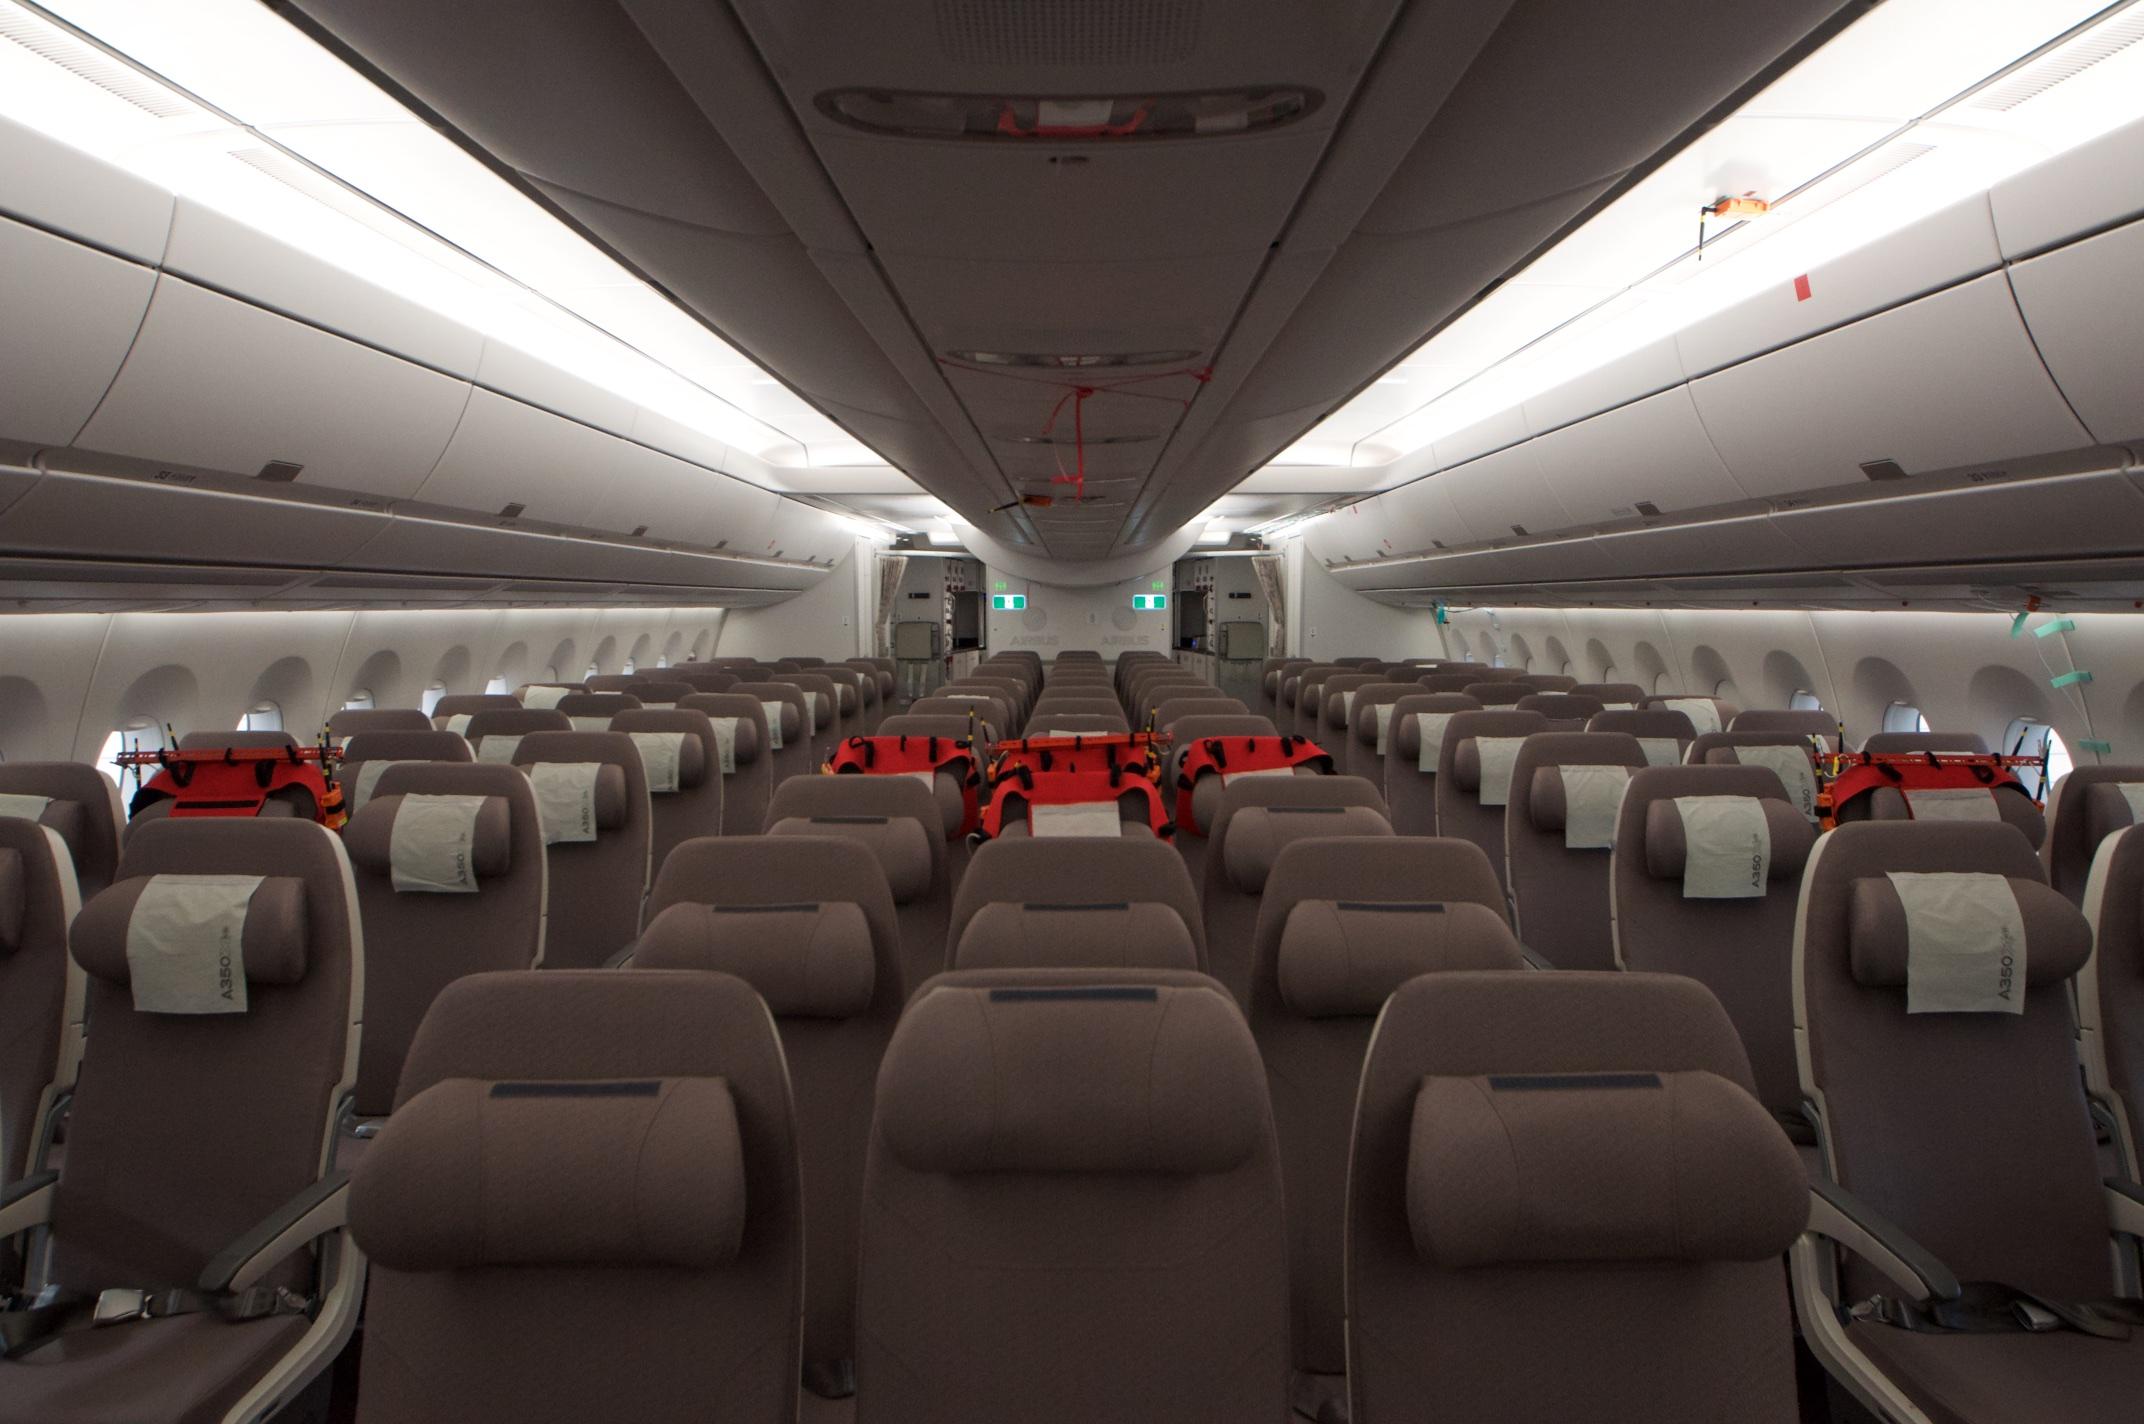 Airbus A350-1000XWB: Ein Blick ins Innere eines Testflugzeugs - Dahinter geht es mit einer weitestgehend ausgestatteten Kabine weiter. (Foto: Andreas Sebayang)